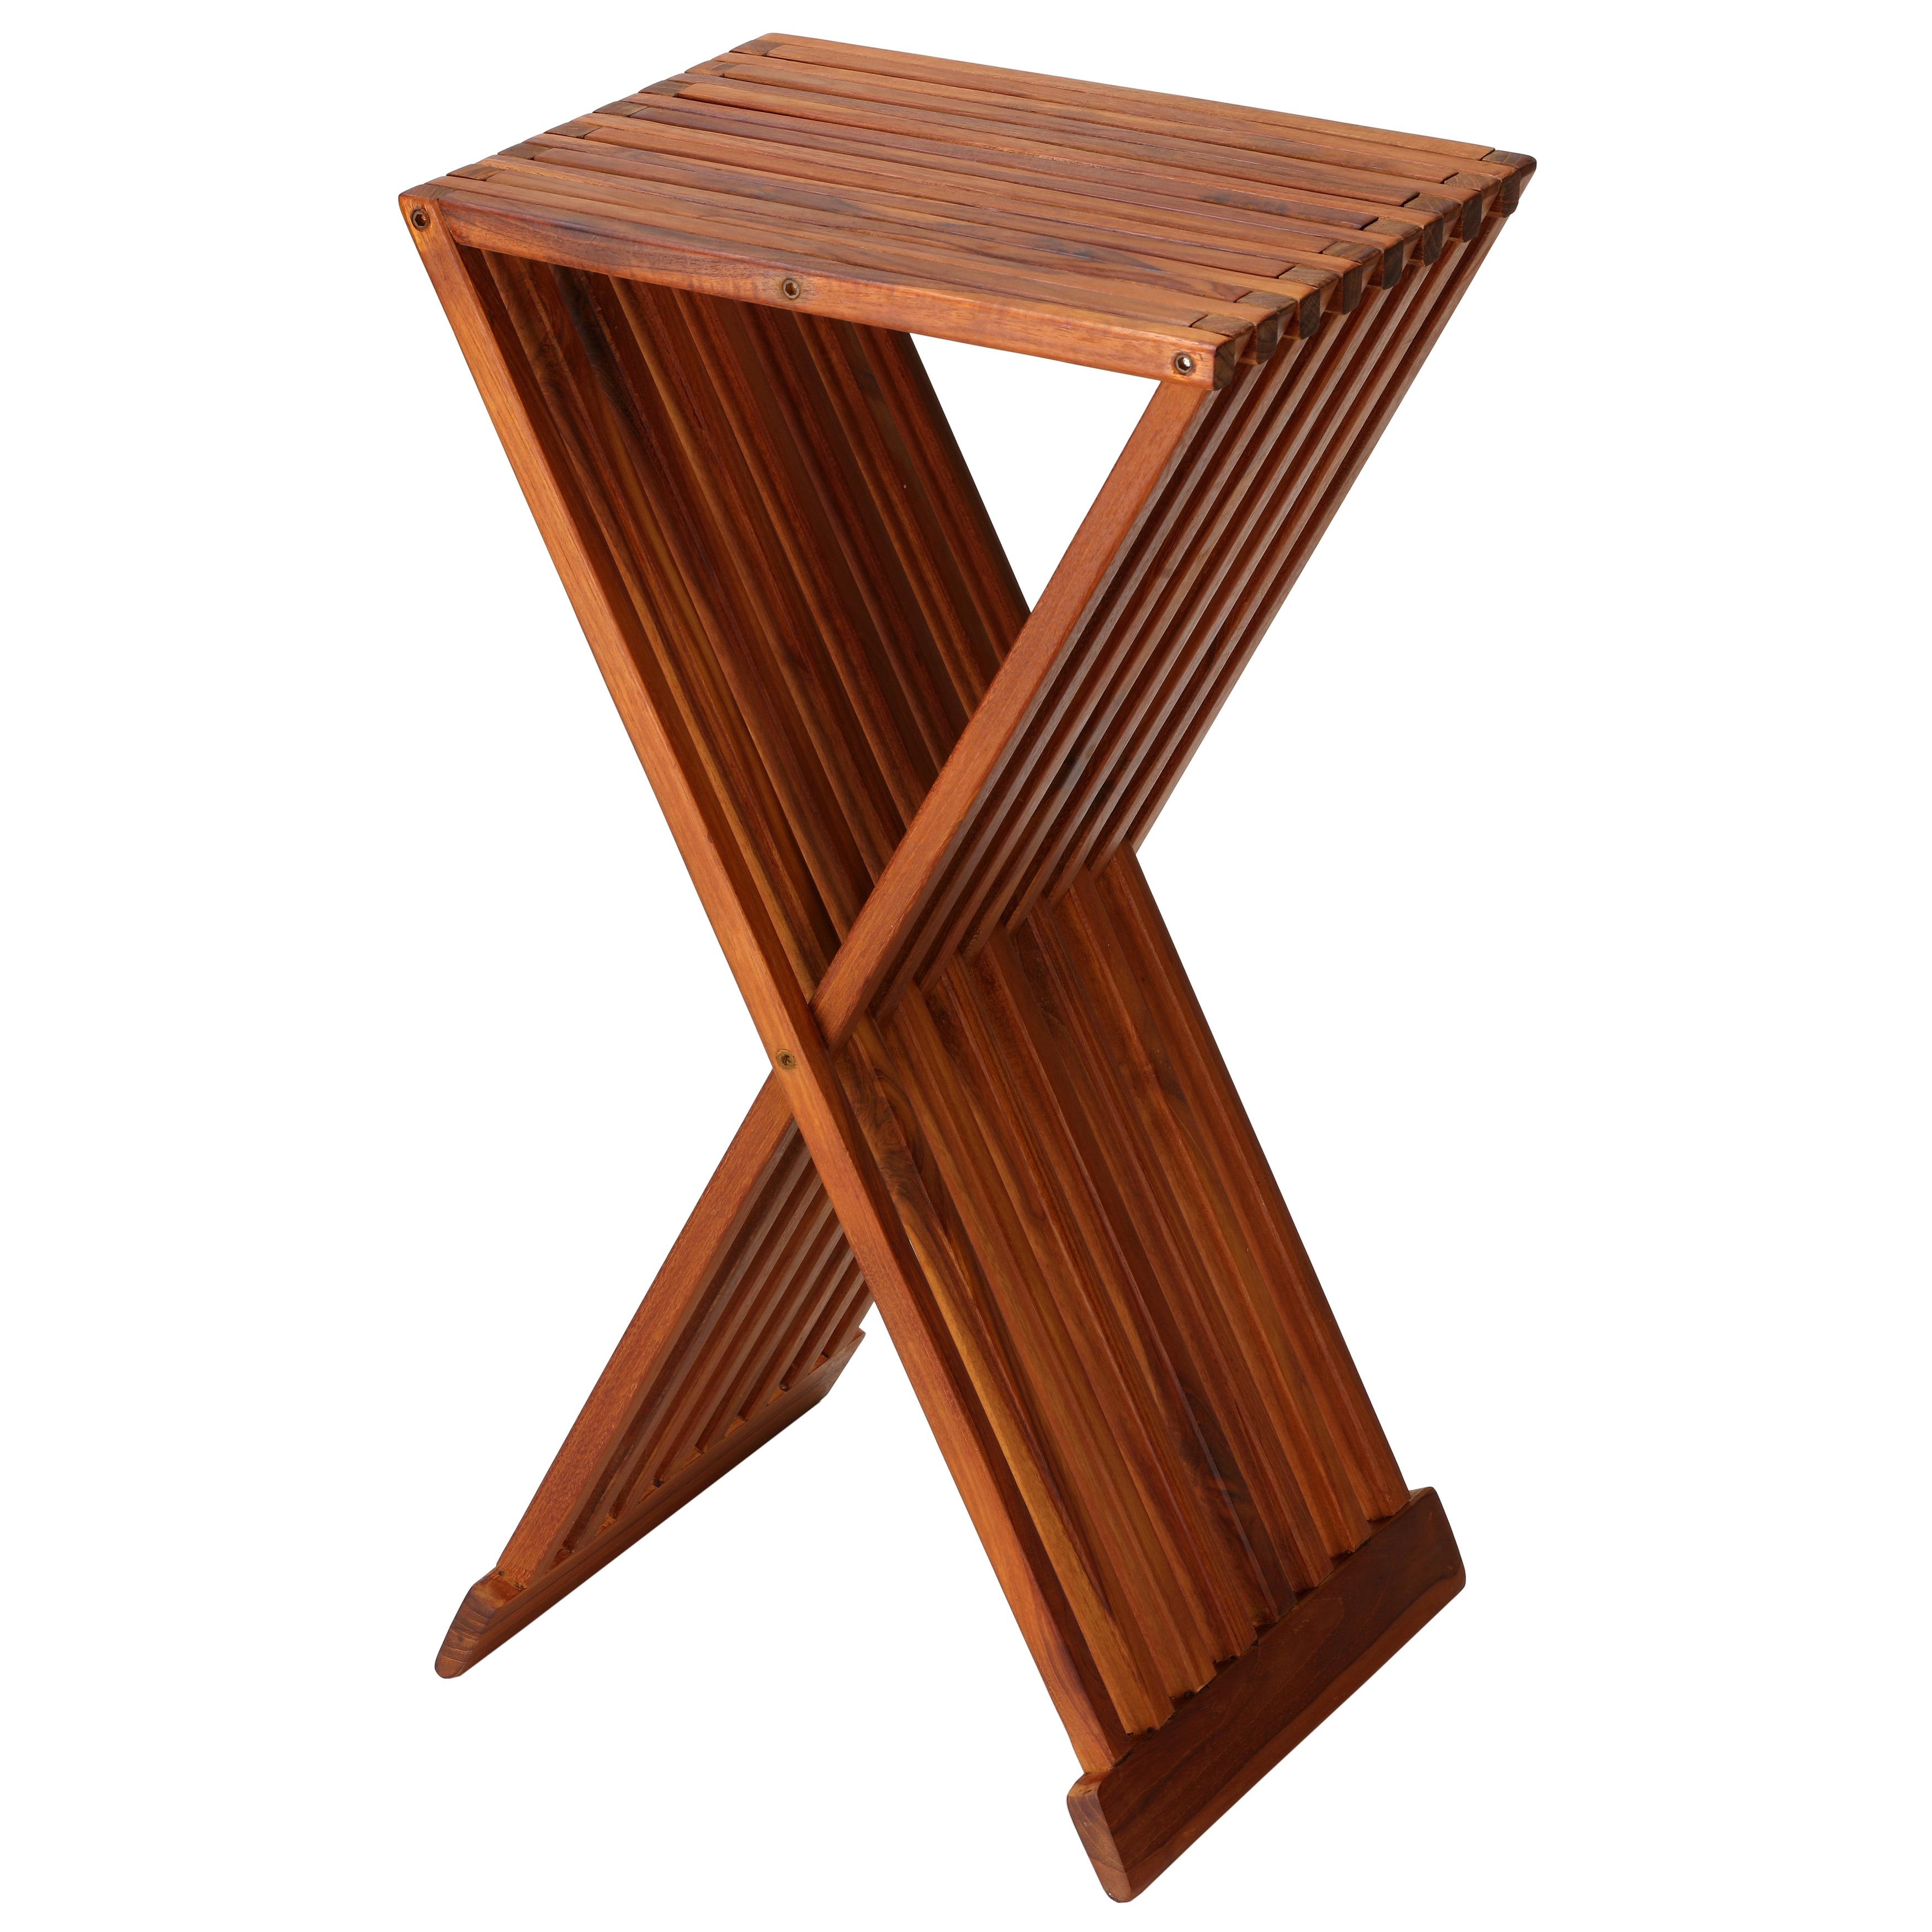 Bare Decor Taj Teak Folding End Table